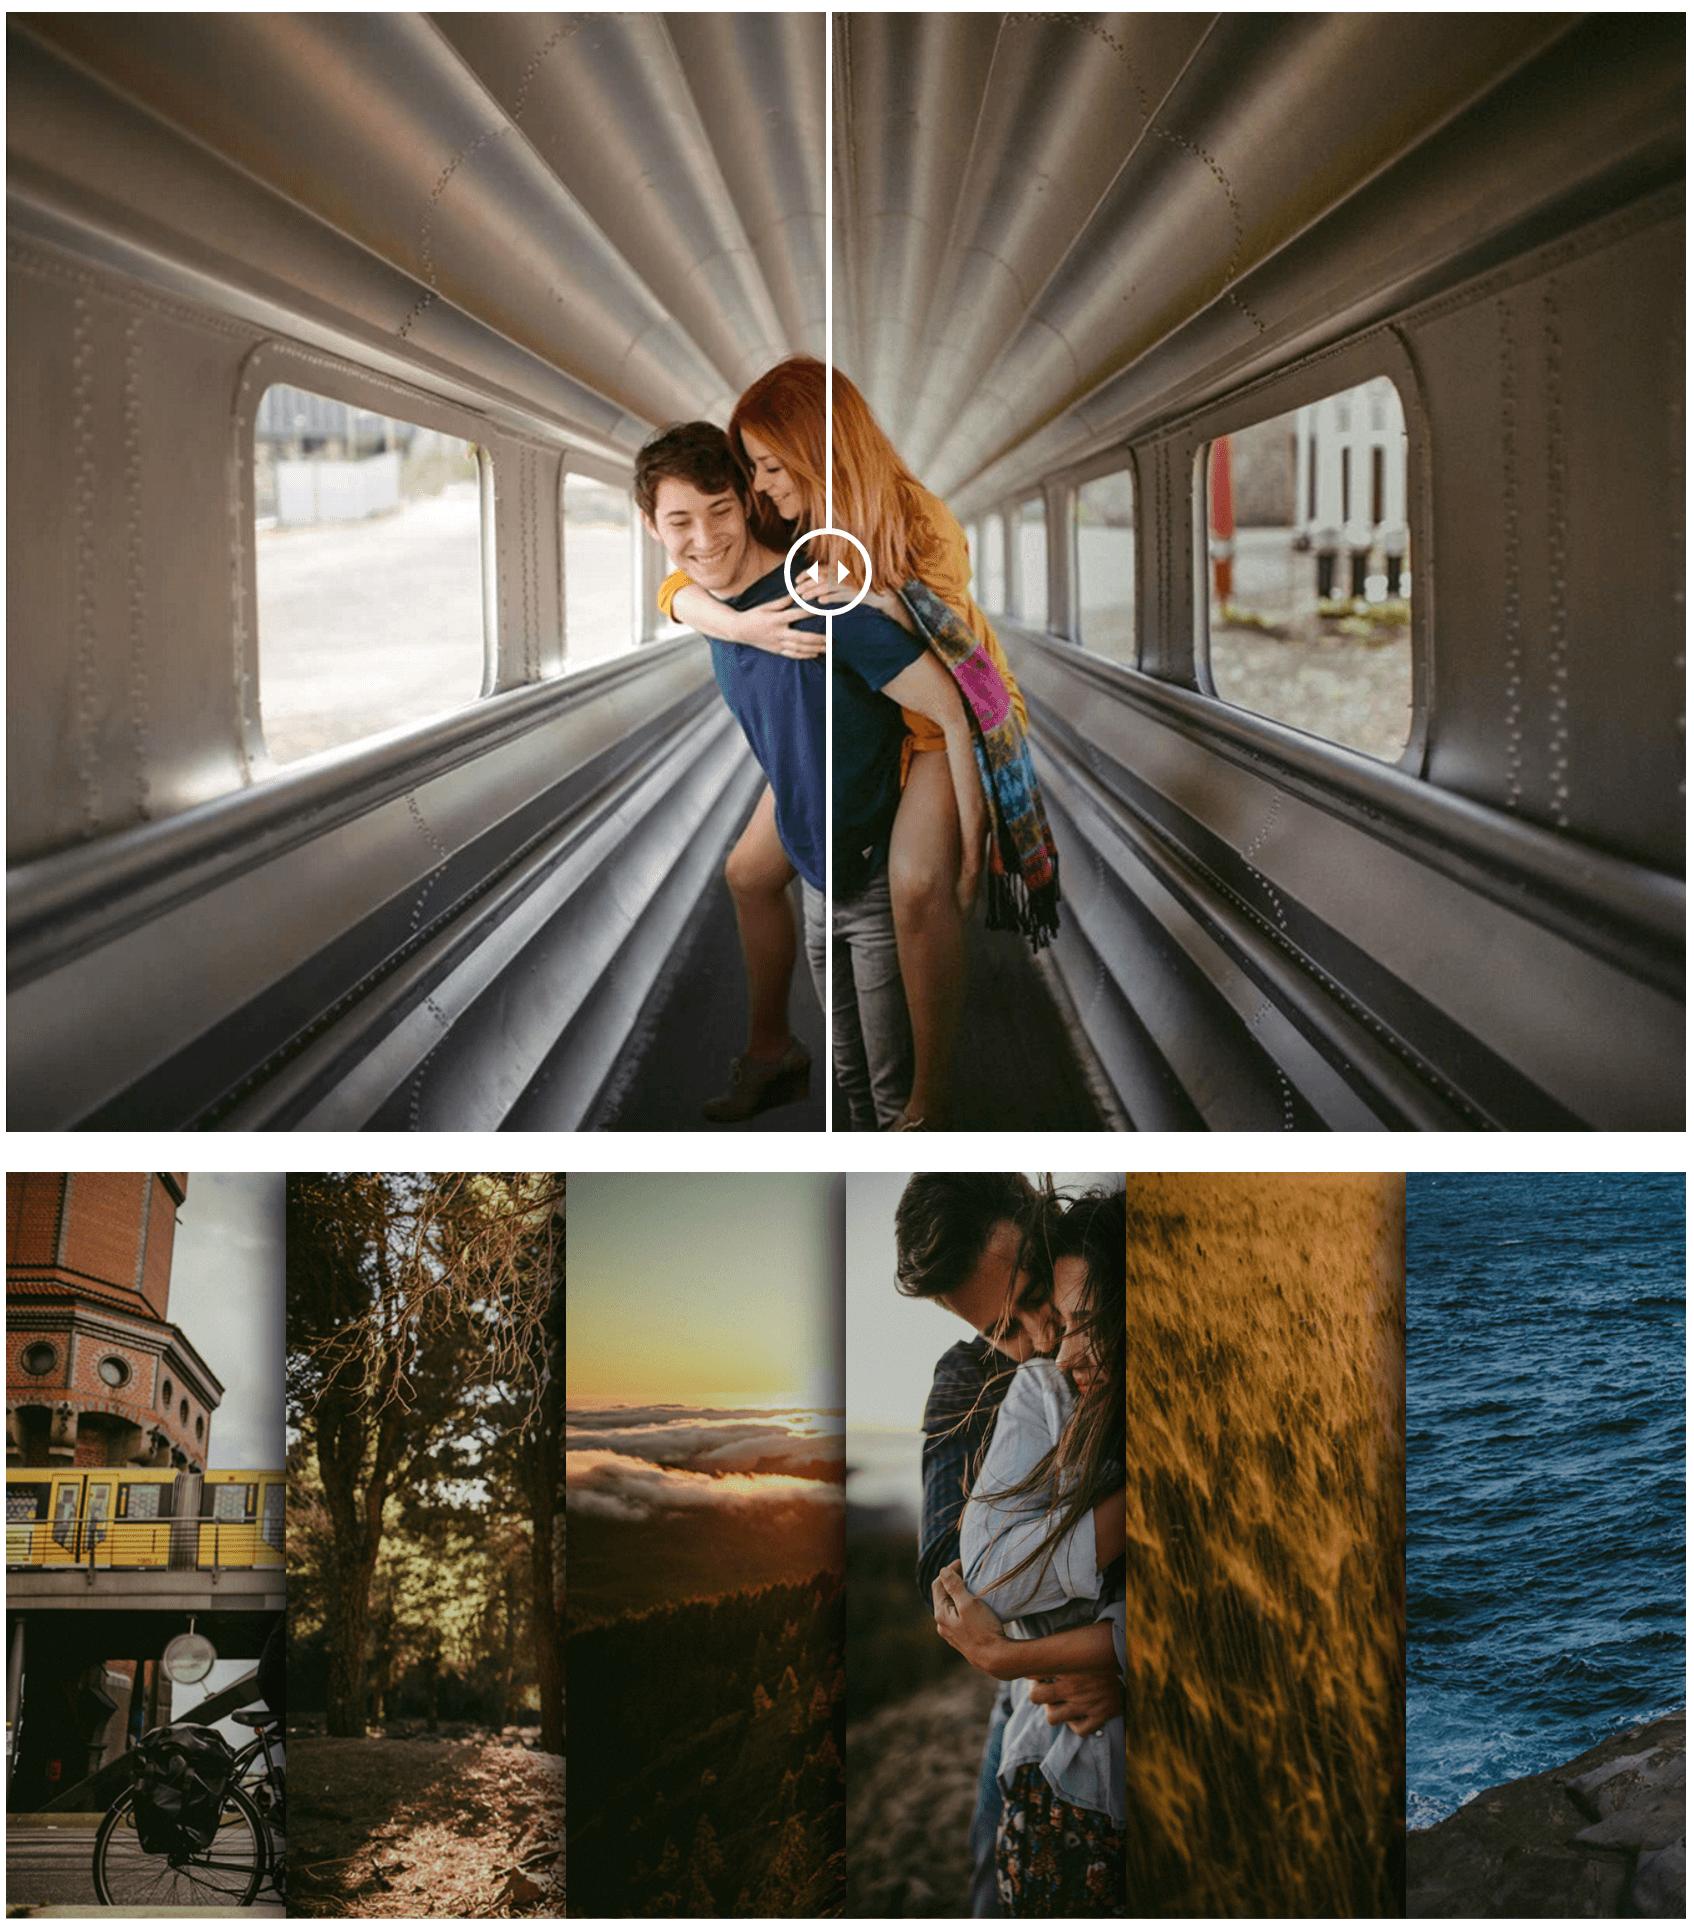 Don+Helen LR Presets, Best Lightroom presets for photographers - tribe archipelago